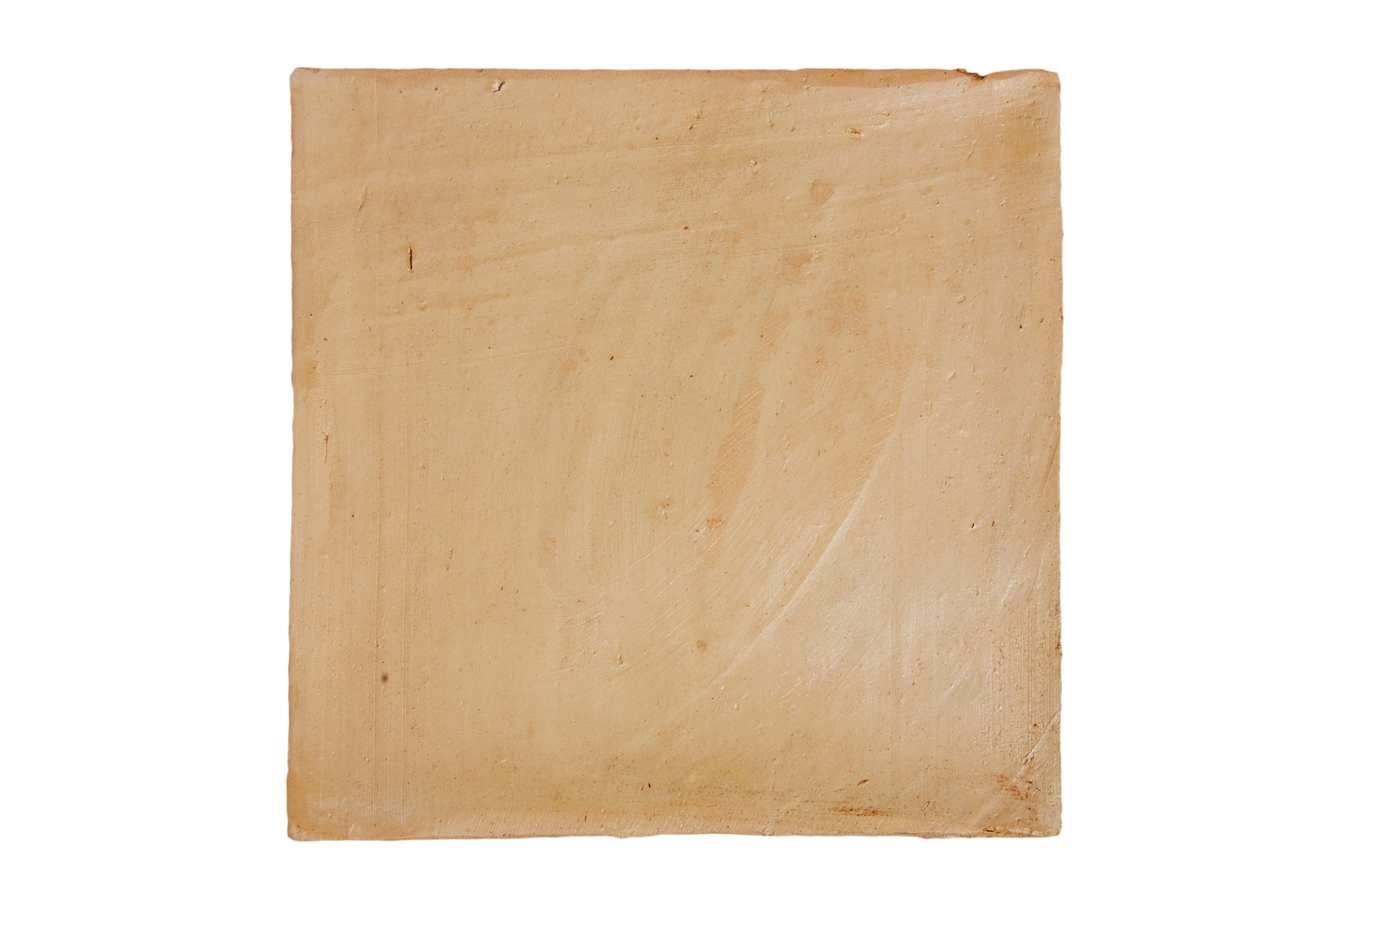 Quadrato lisciata hometr schic for Costo del solarium per piede quadrato